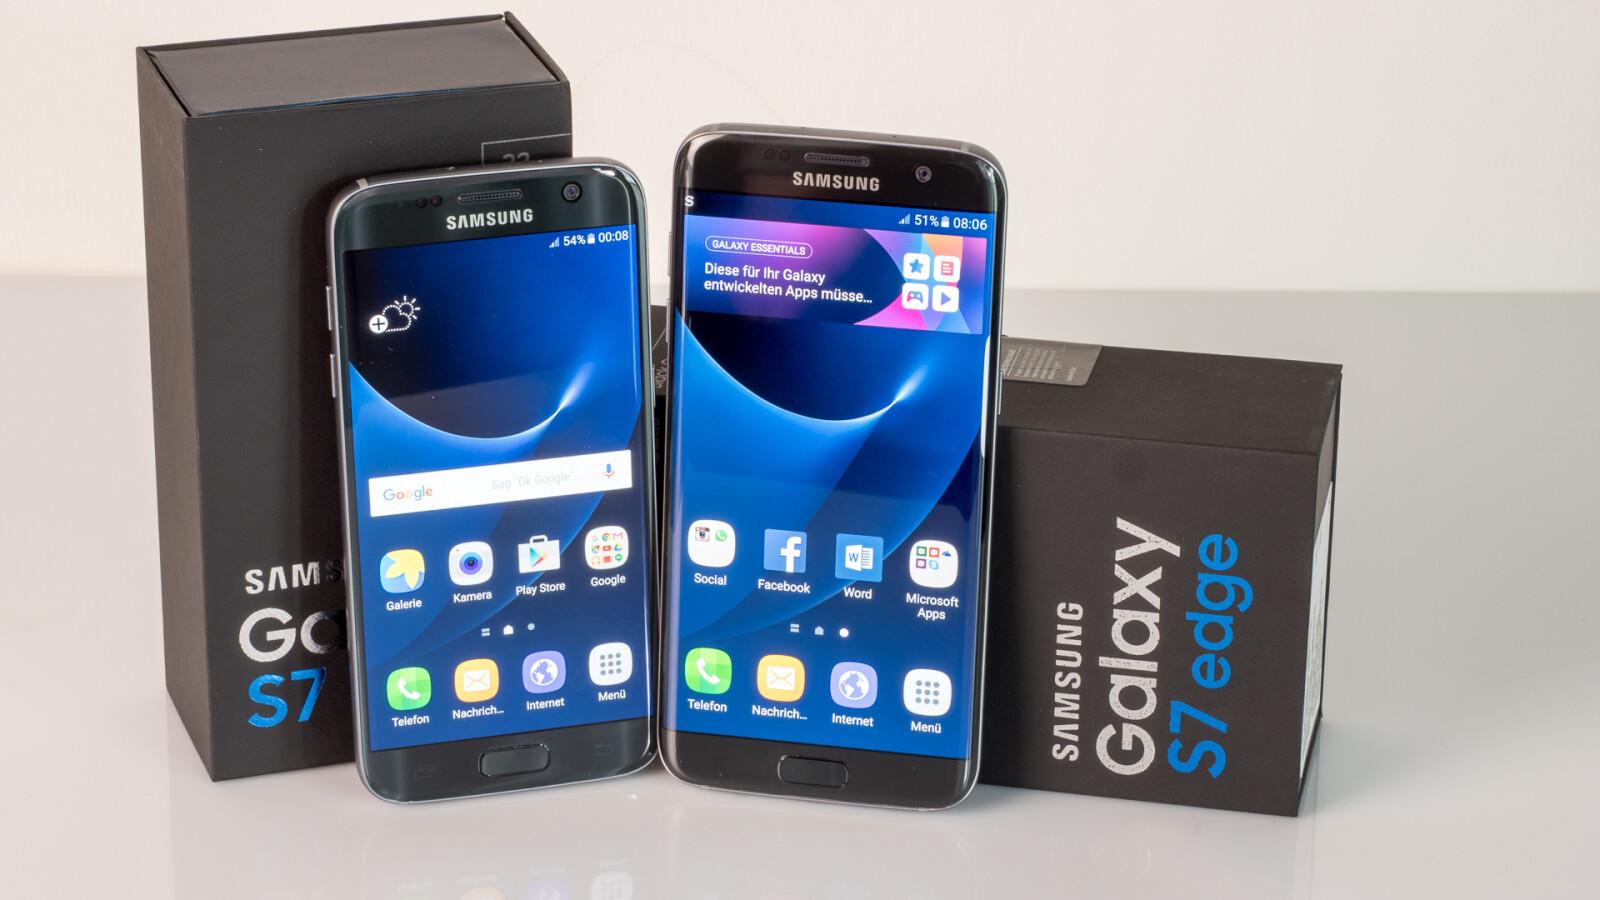 Galaxy S7 Im Test Glorreiche Sieben Oder Setzen Sechs Netzwelt Samsung Edge 32 Gb Smartphone Coral Blue